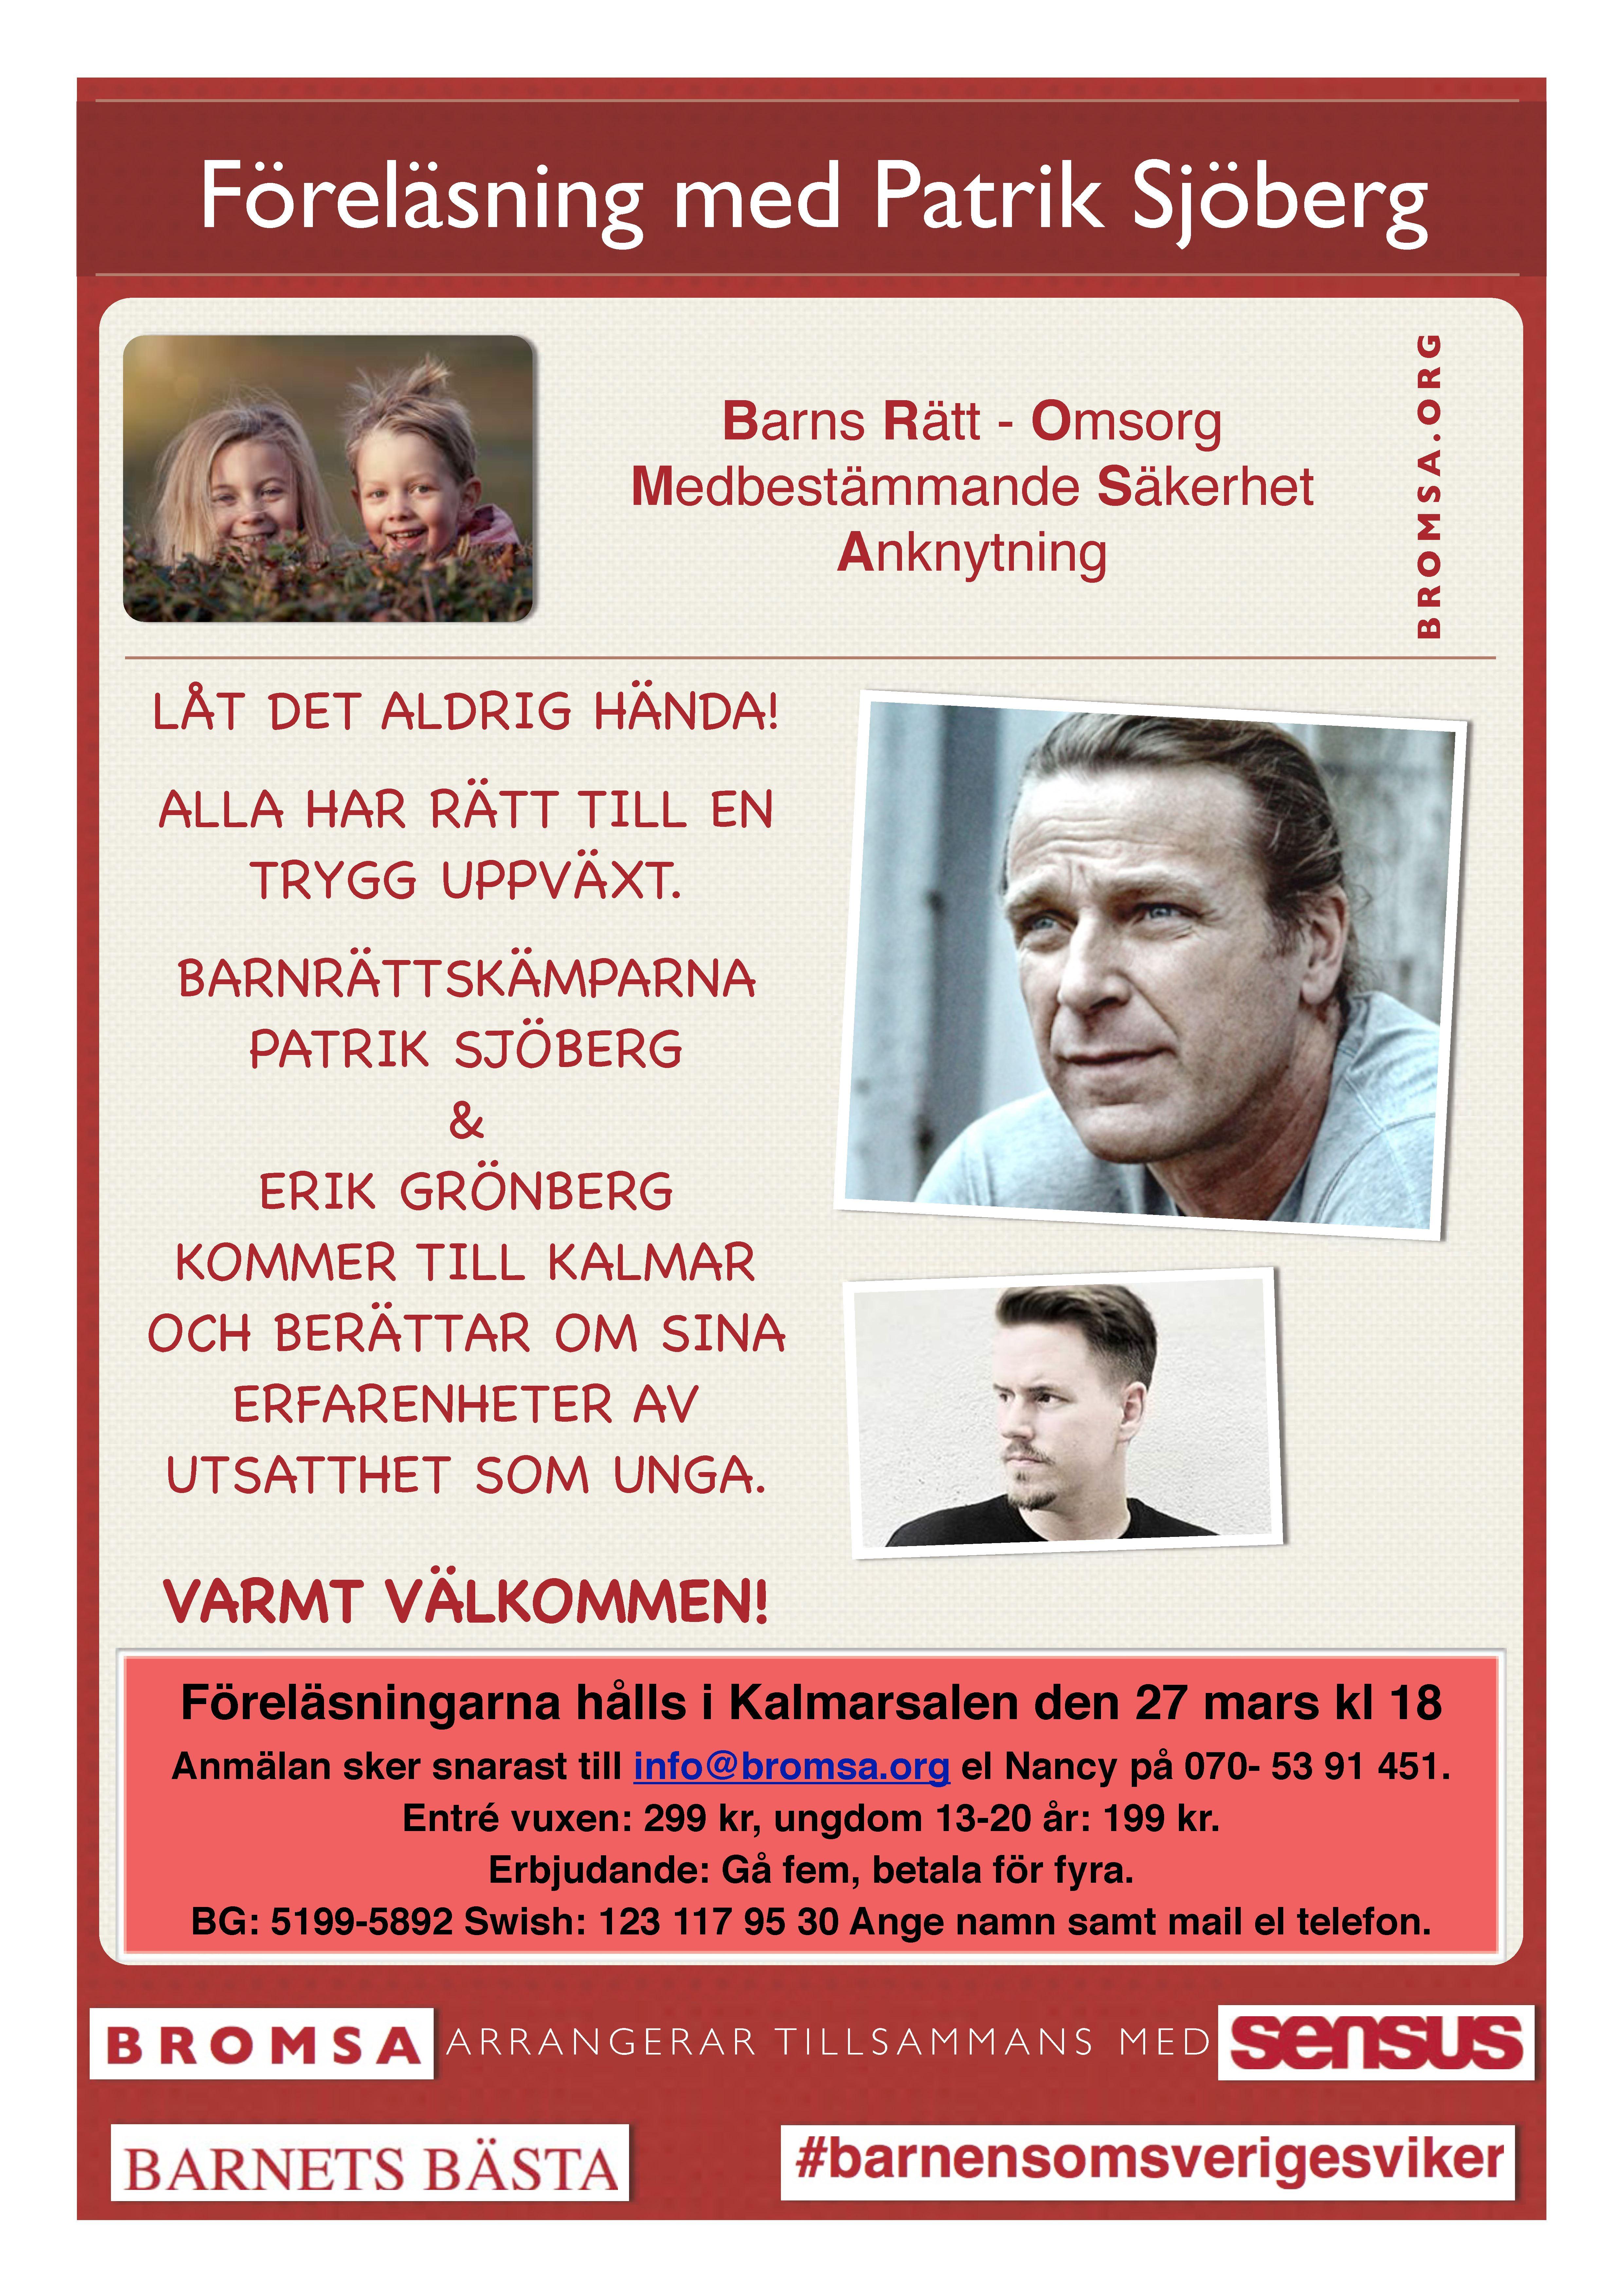 Föreläsning med Patrik Sjöberg